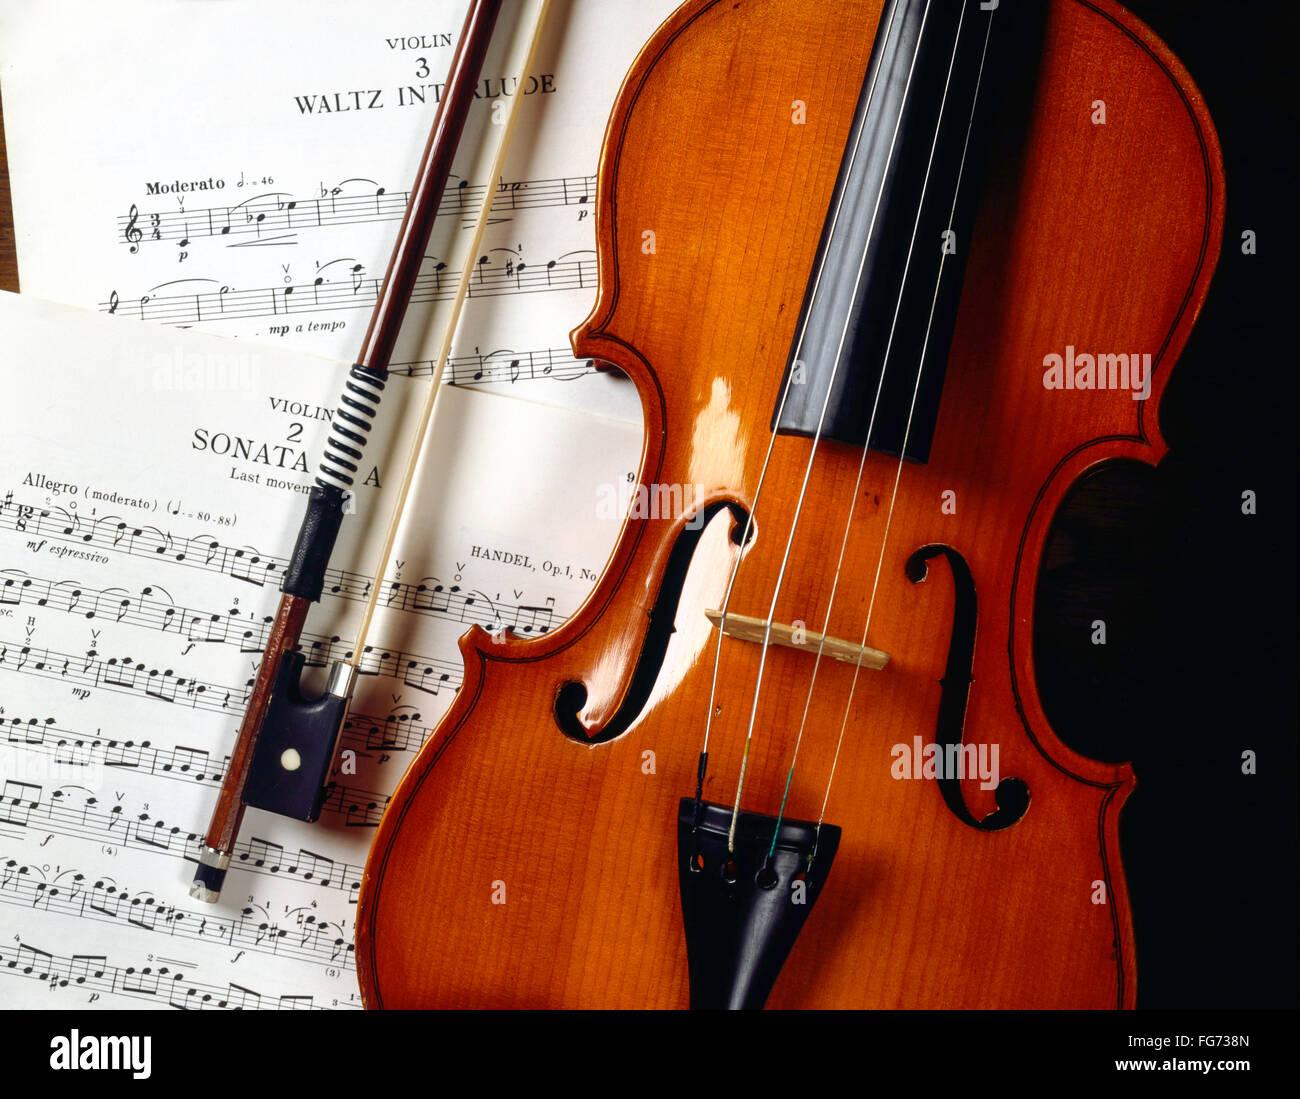 La nature morte de violon et l'arc avec des partitions, Londres, Angleterre, Royaume-Uni Banque D'Images